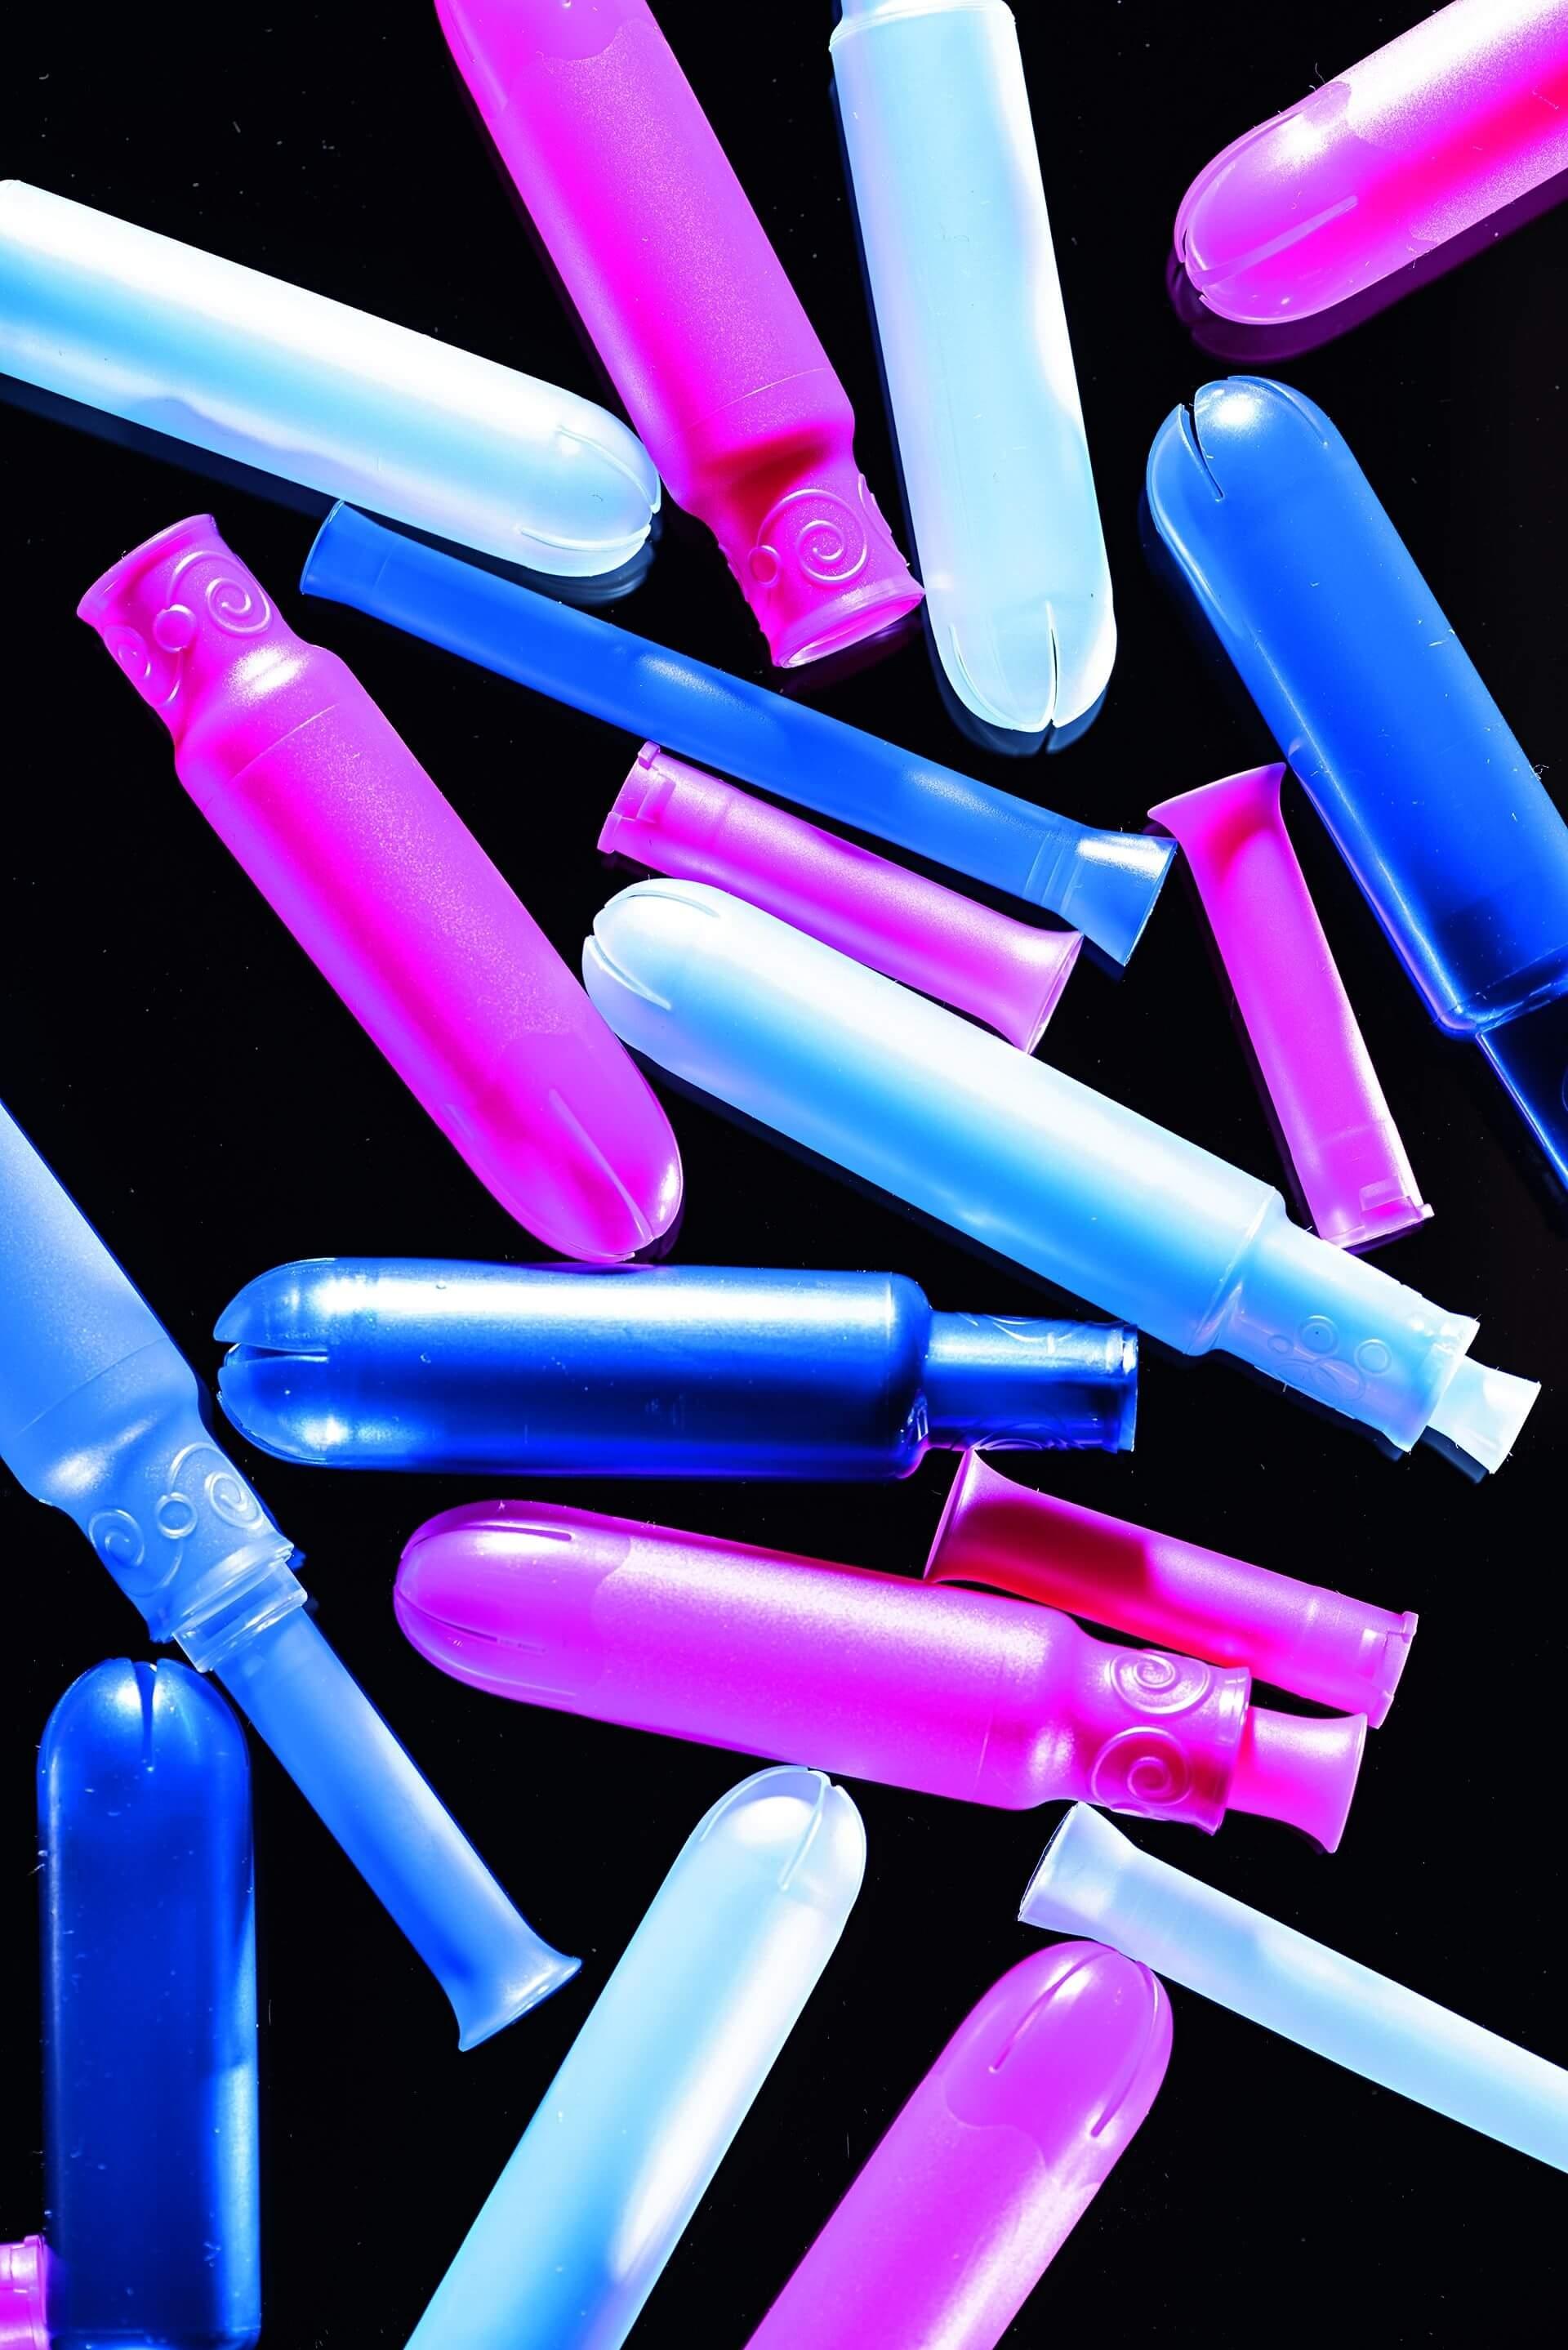 1萬 美國每位婦女一生平均會丟棄約1萬個衛生棉條或衛生棉,棉條的導管通常是塑膠製的。攝影:漢娜.惠特克 HANNAH WHITAKER